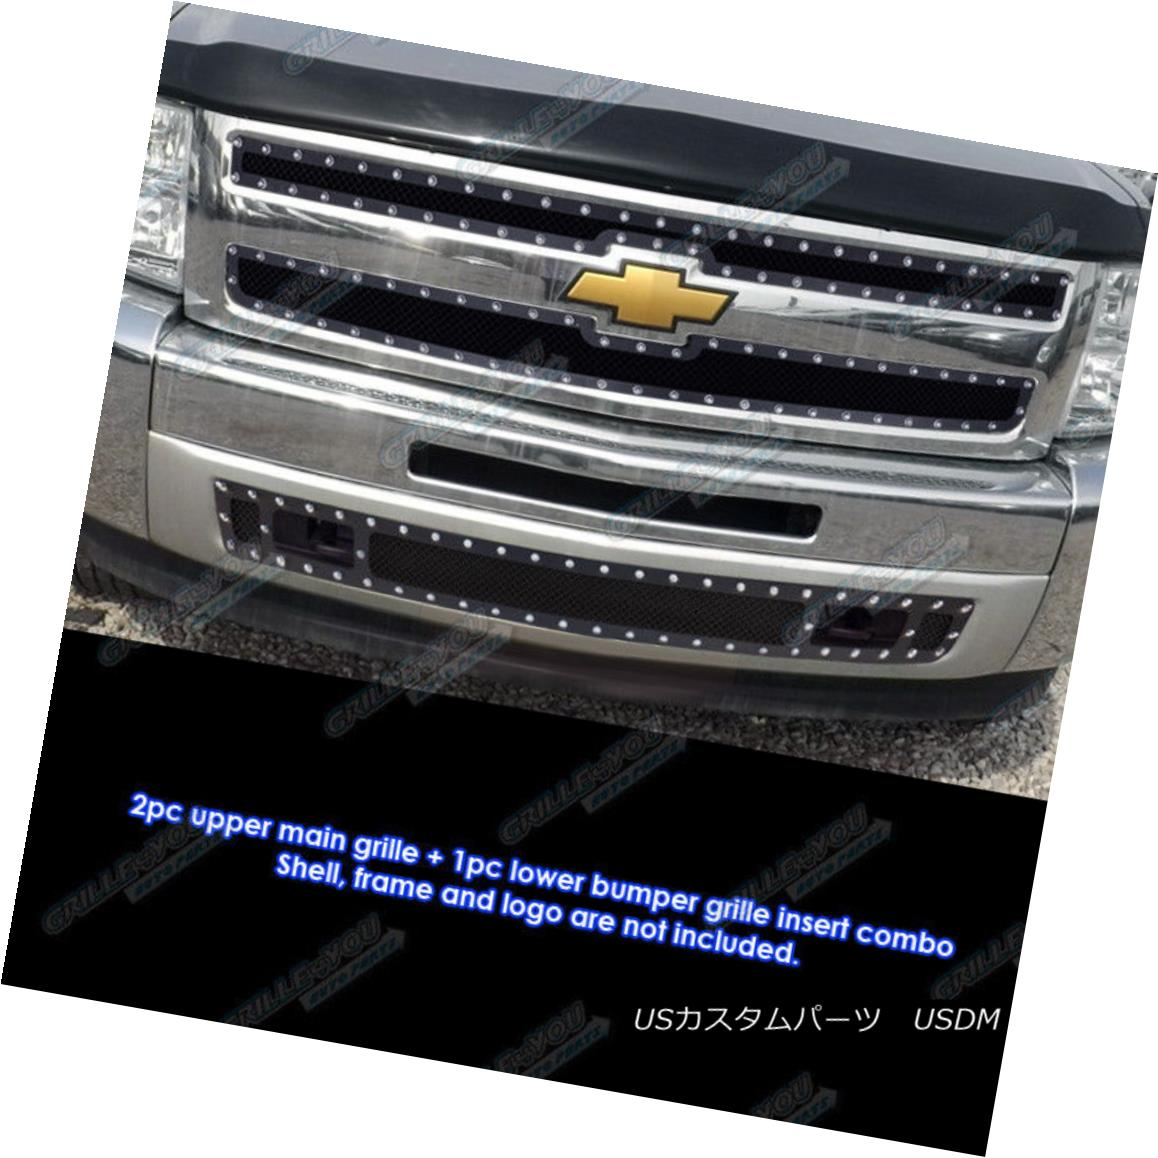 グリル Fits 2007-2013 Chevy Silverado 1500 Black Rivet Mesh Grille Bolt On Combo Pack フィット2007-2013チェビーSilverado 1500ブラックリベットメッシュグリルボルトコンボパック